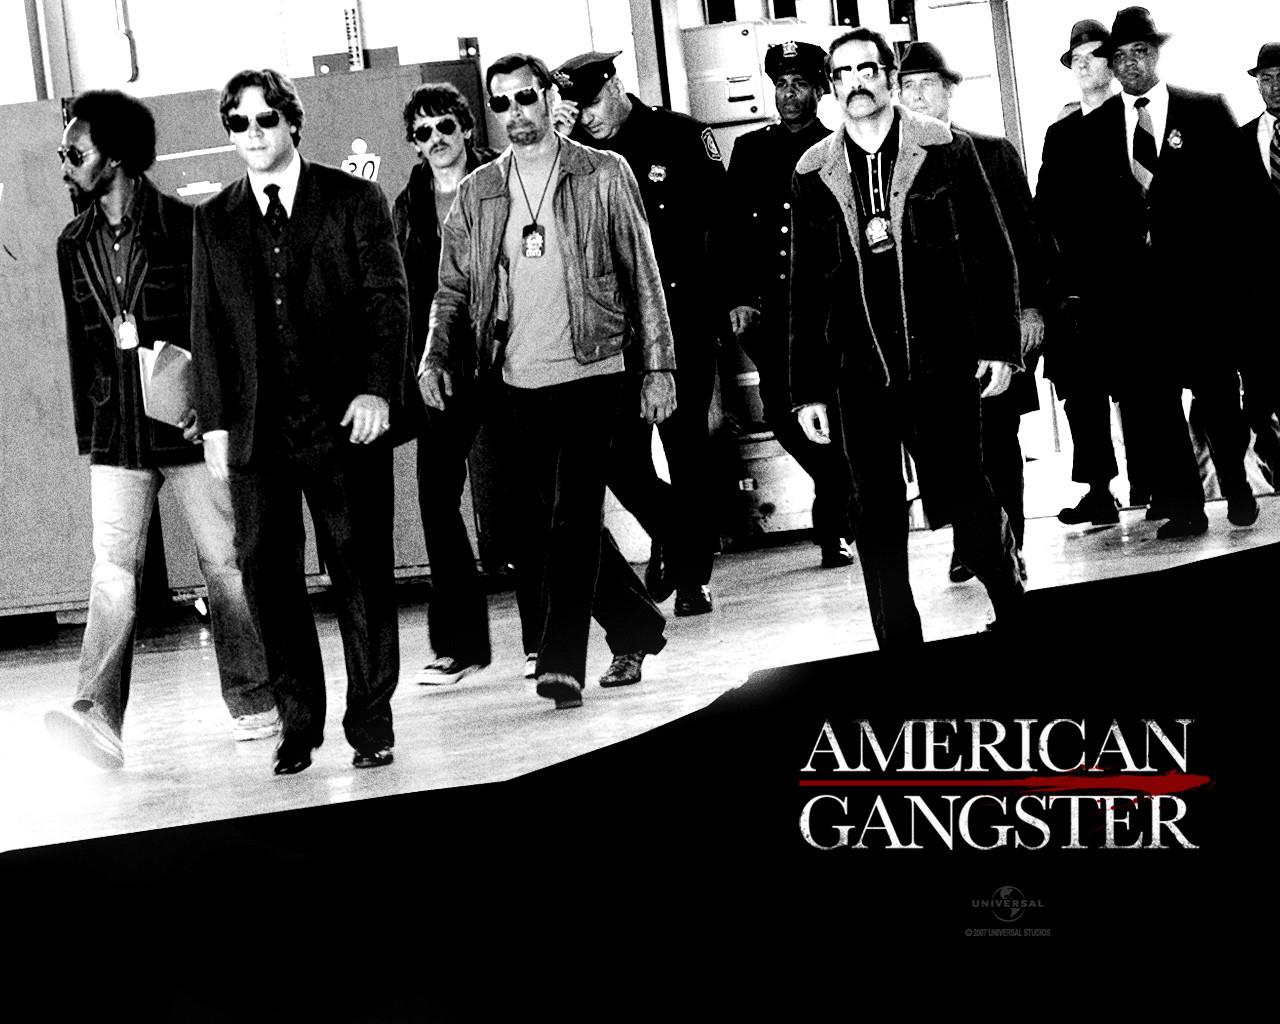 american gangster - Son 20 Yılda Çıkan En İyi 20 Biyografik Film